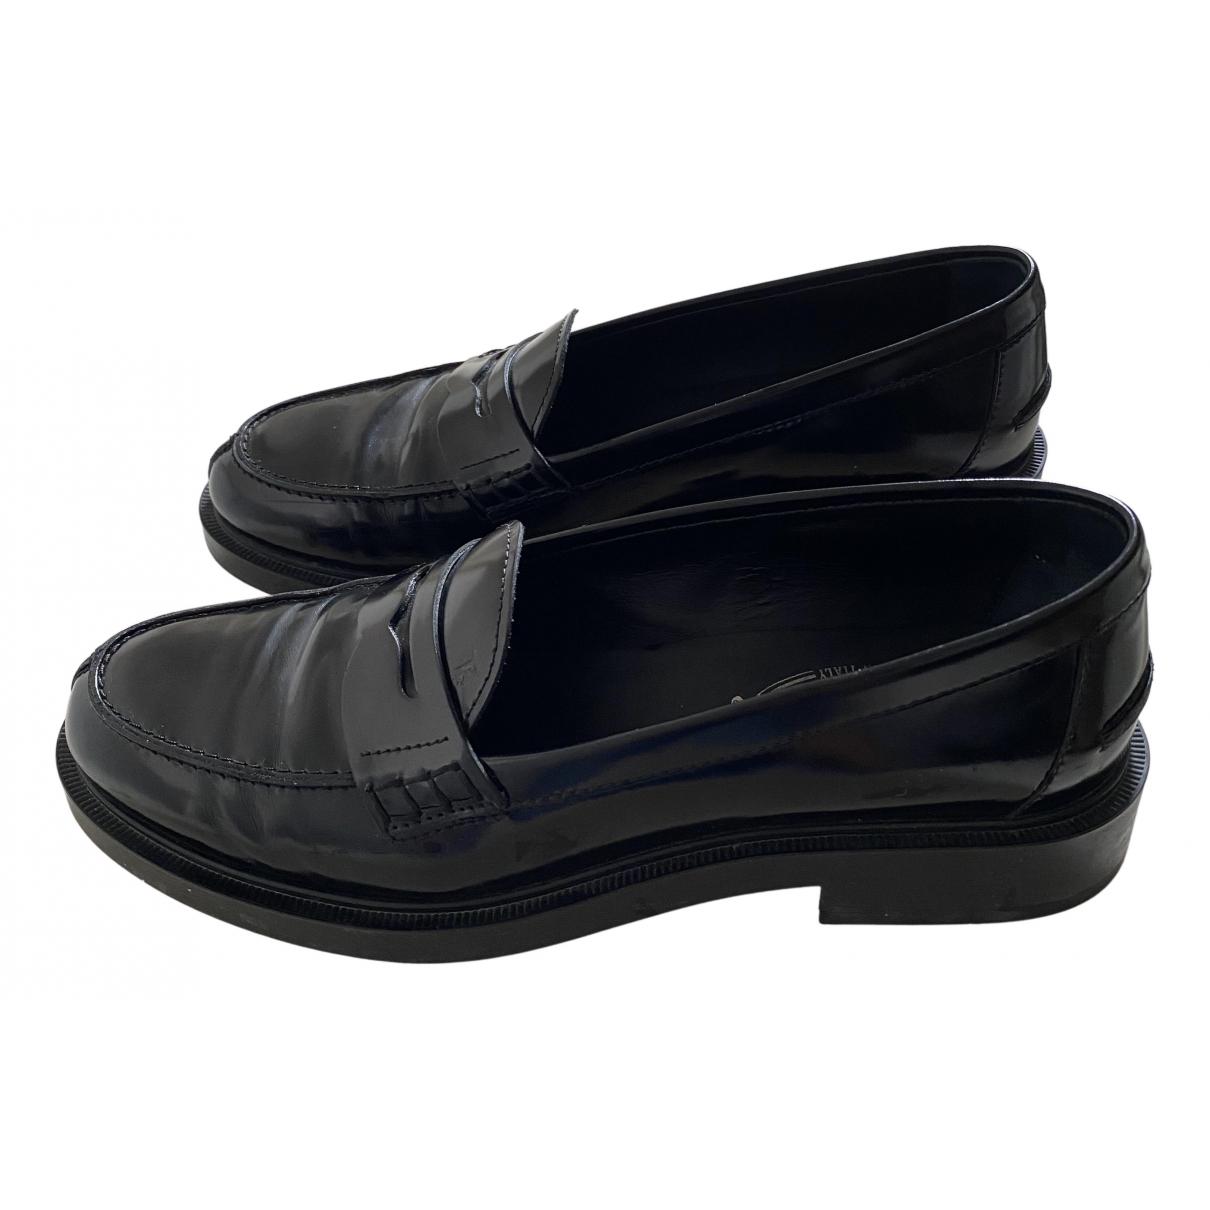 Tods - Mocassins   pour femme en cuir - noir